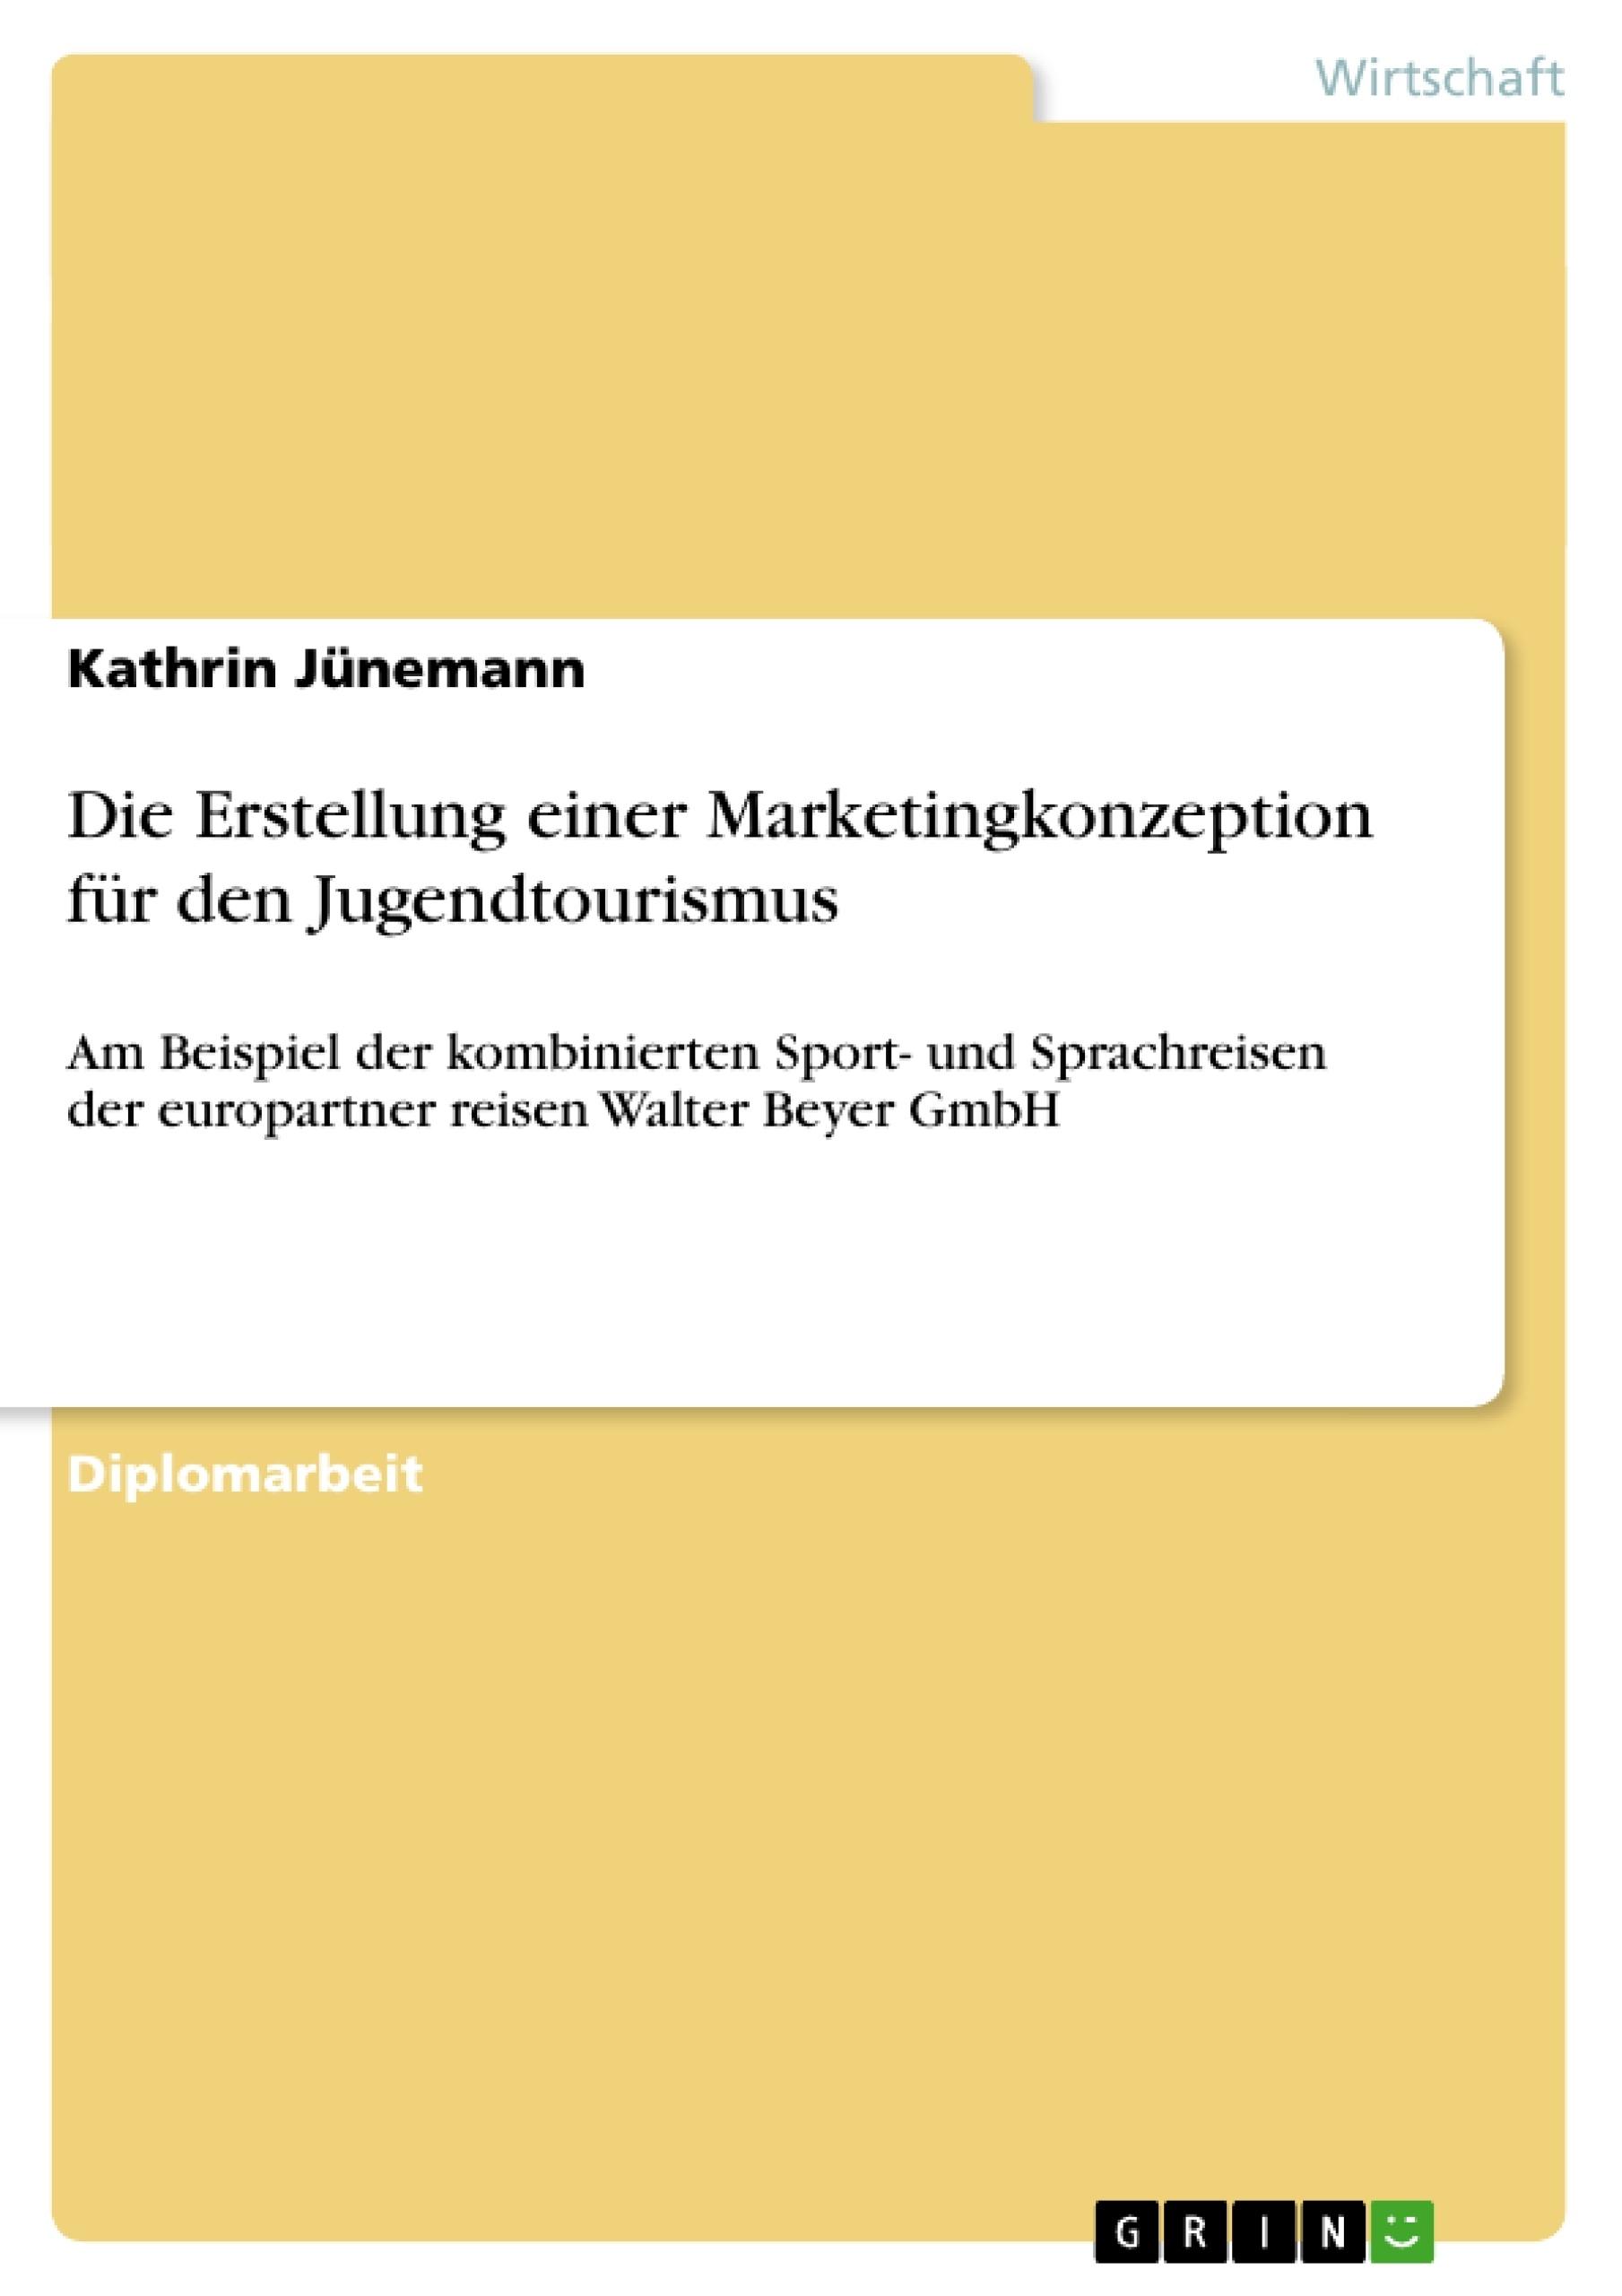 Titel: Die Erstellung einer Marketingkonzeption für den Jugendtourismus